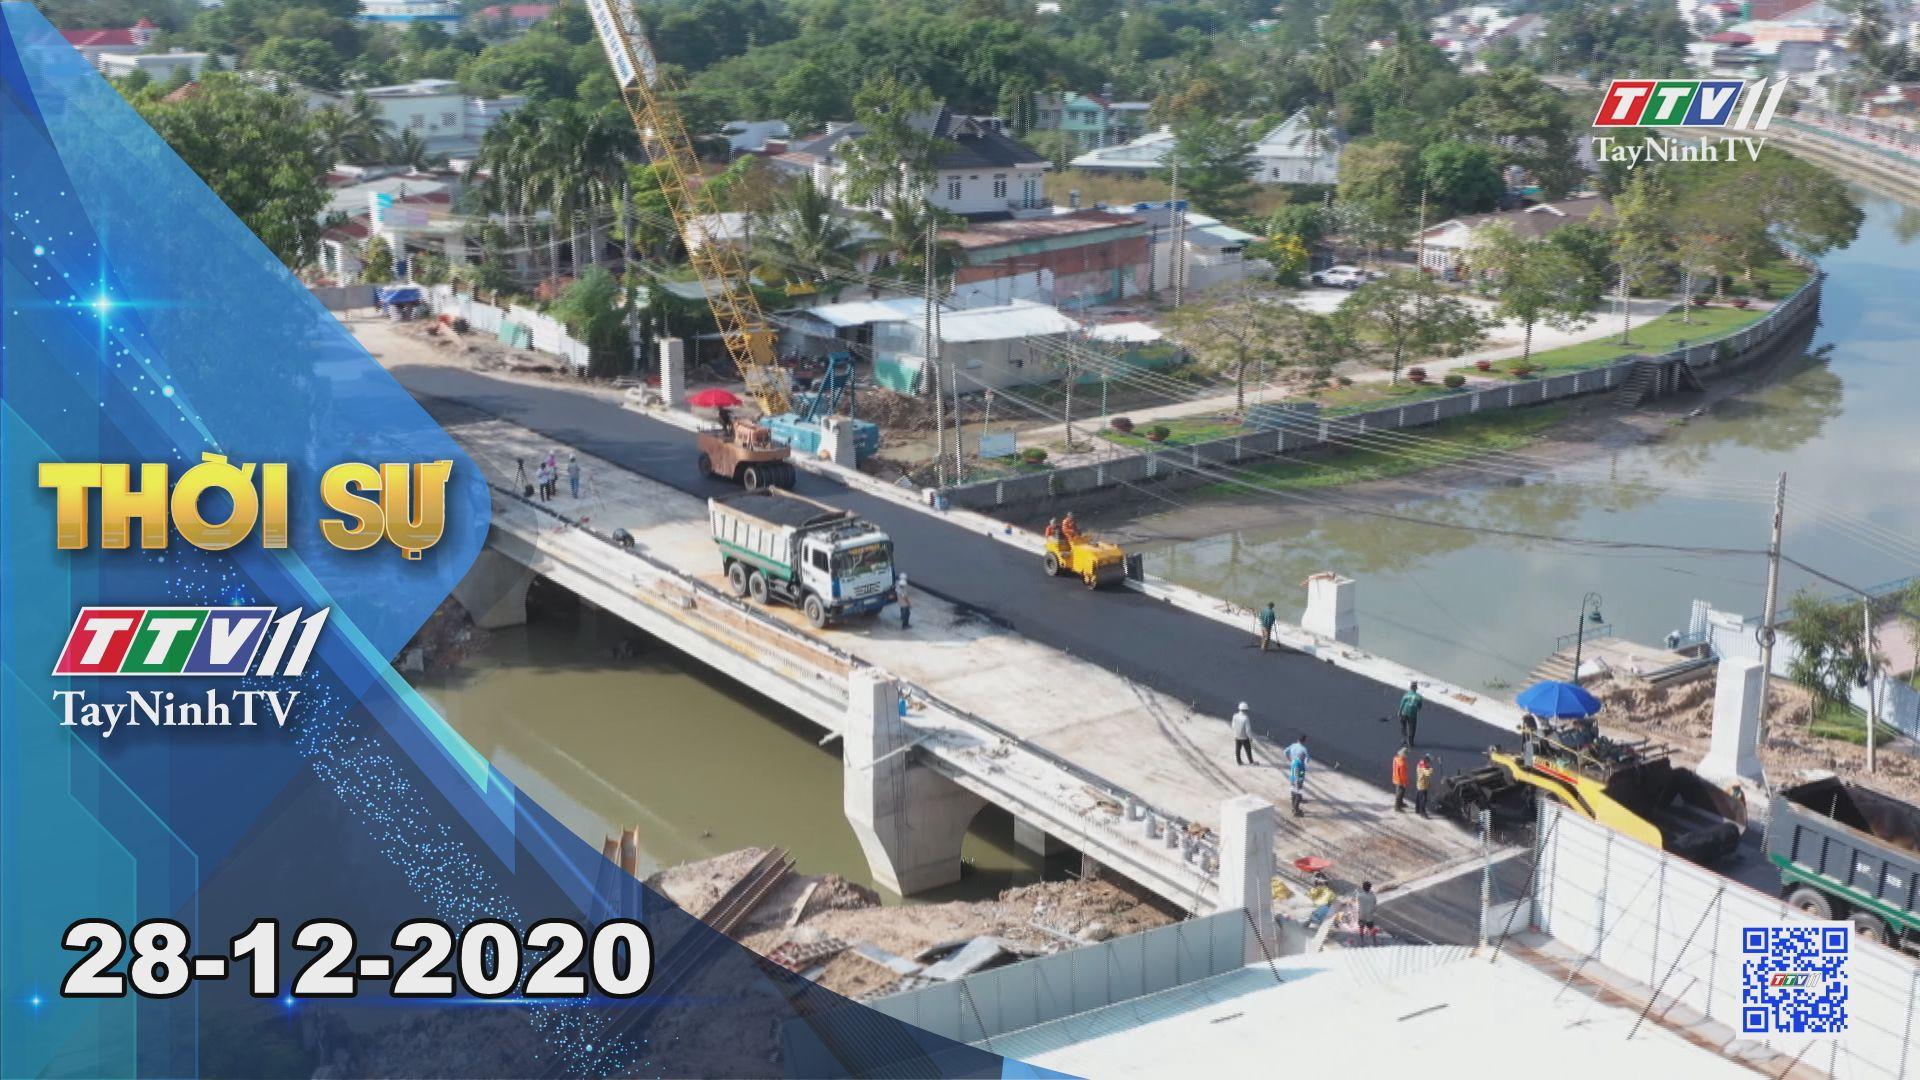 Thời sự Tây Ninh 28-12-2020 | Tin tức hôm nay | TayNinhTV